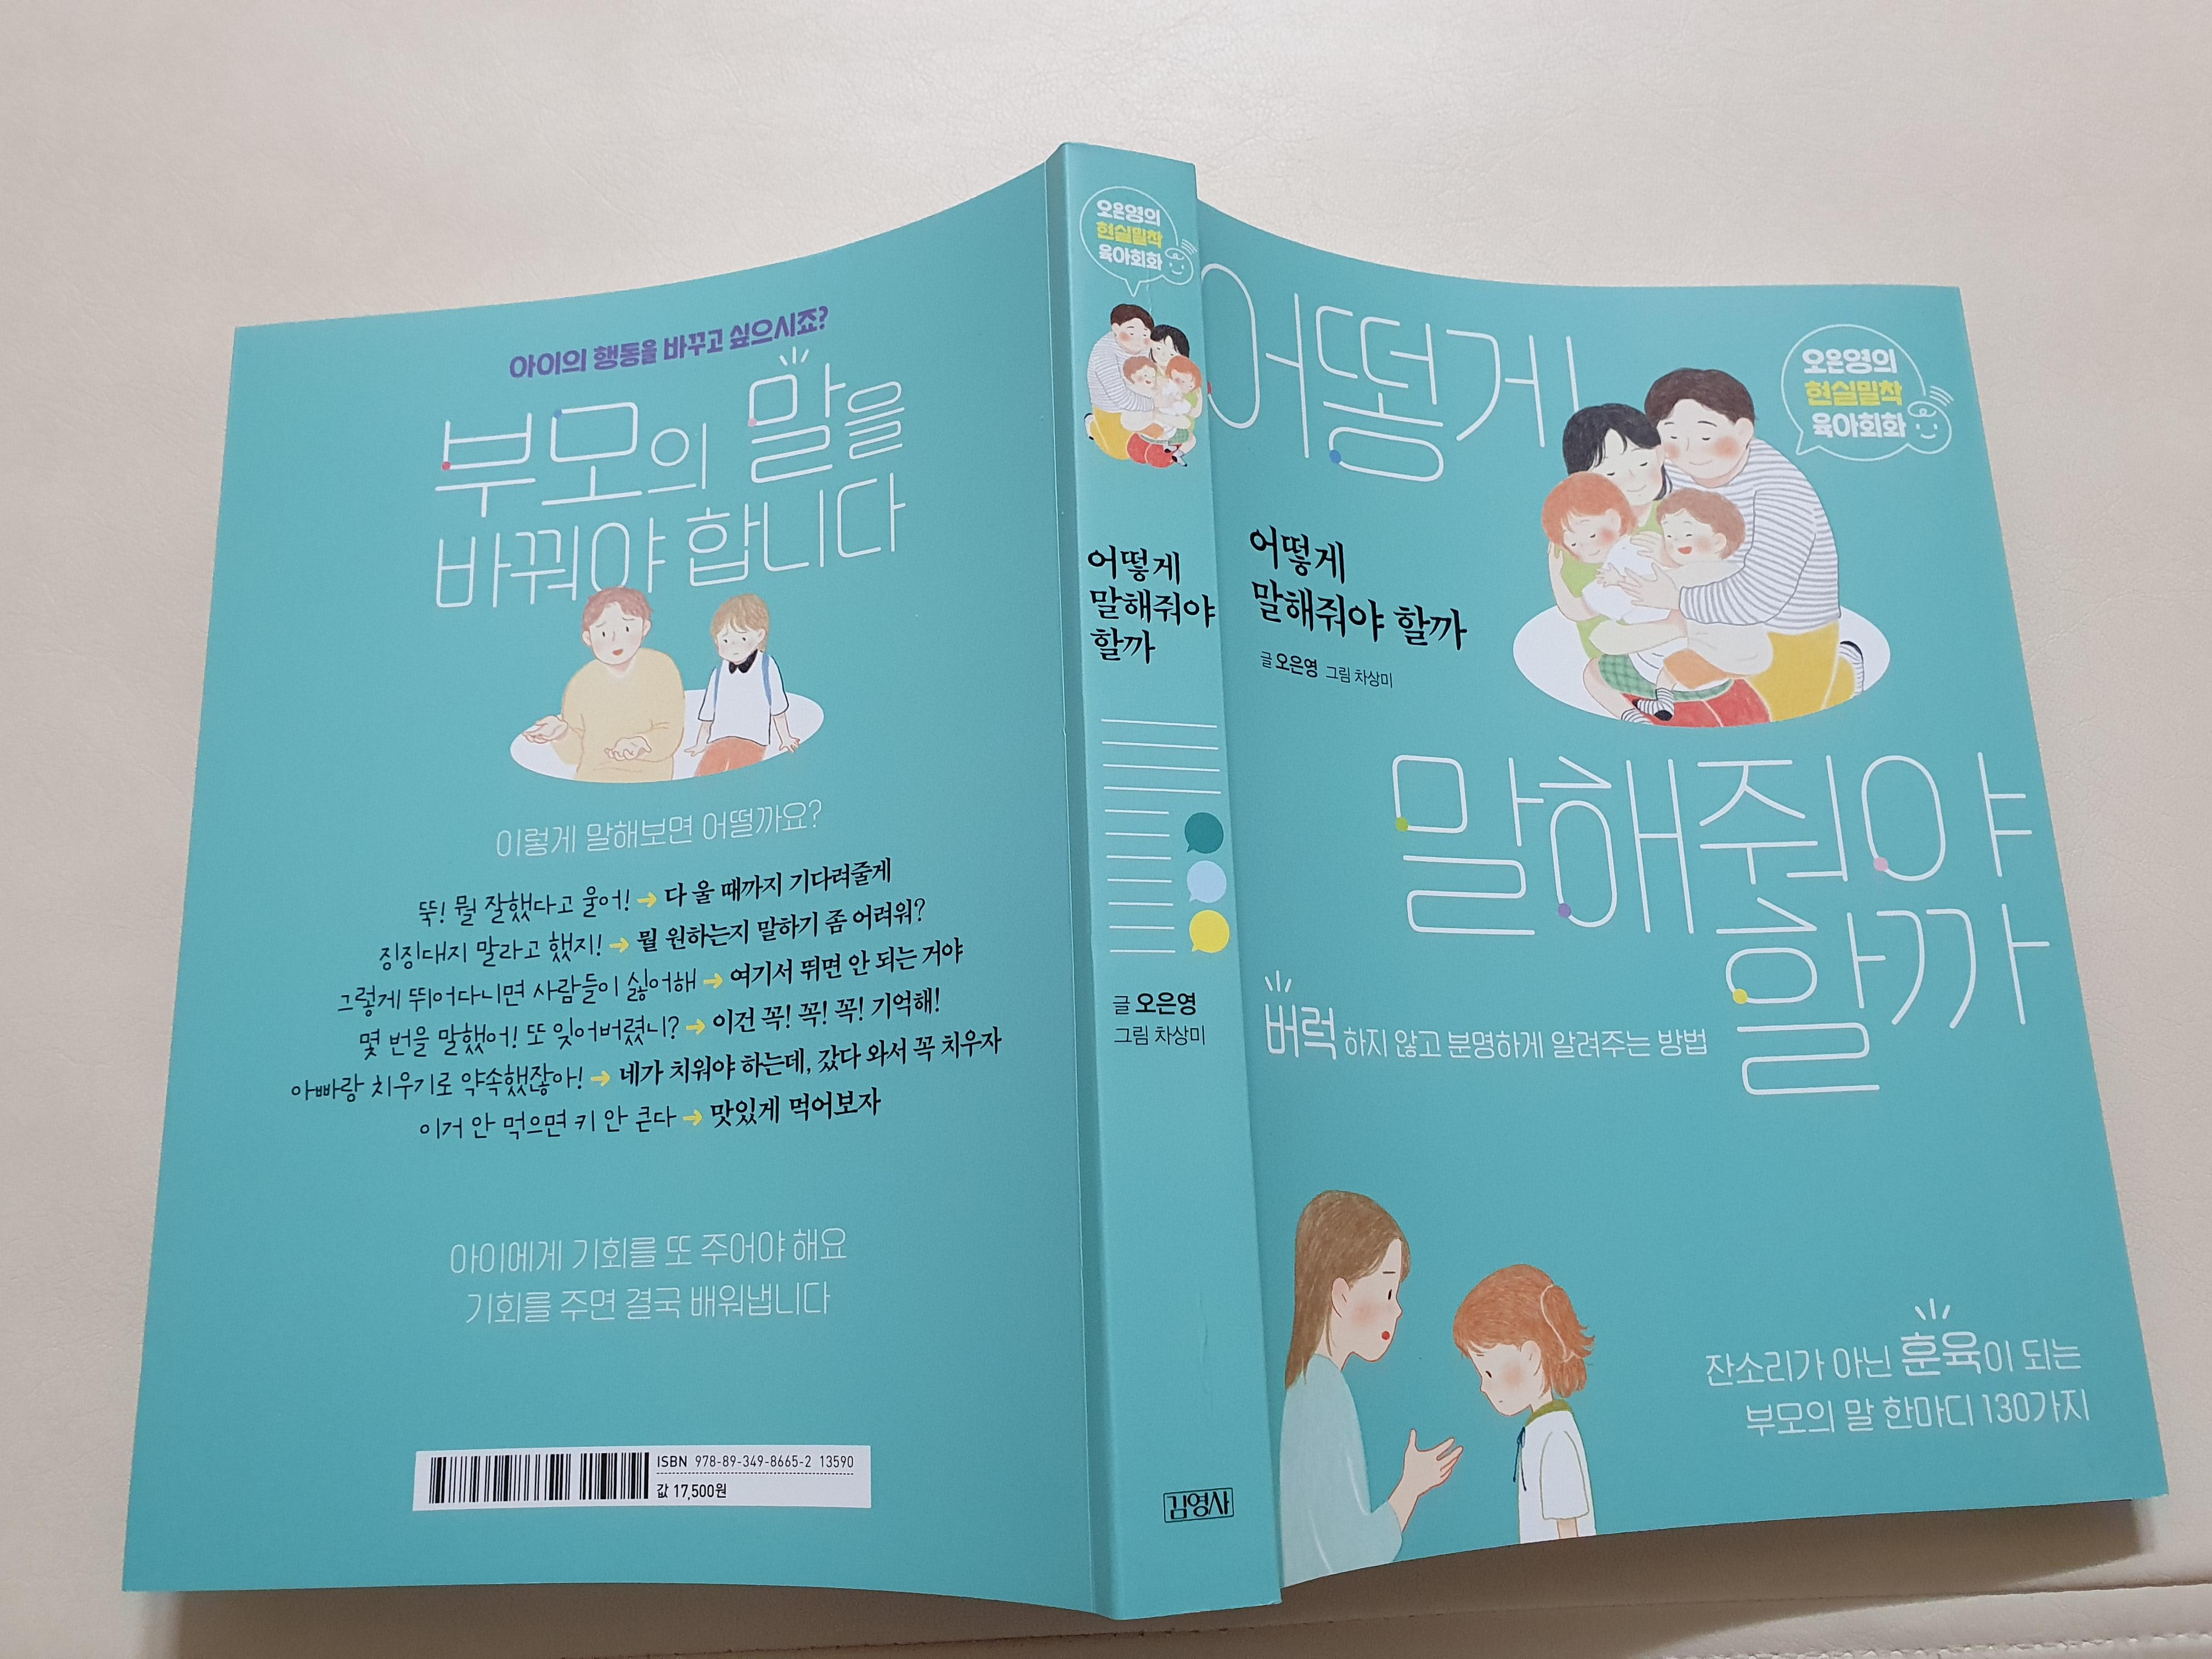 어떻게 말해줘야 할까, 오은영 저 : 너무 중요한 부모의 말에 관한 책